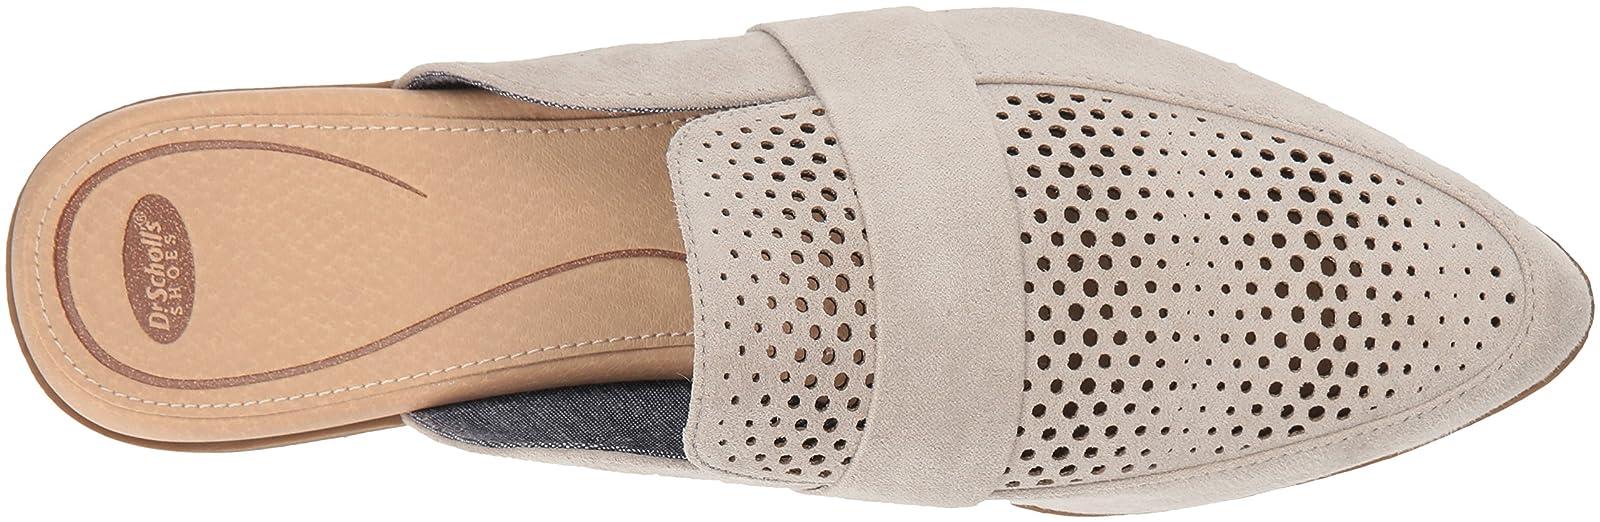 Dr. Scholl's Shoes Women's Exact Chop Mule F6419F1 - 8